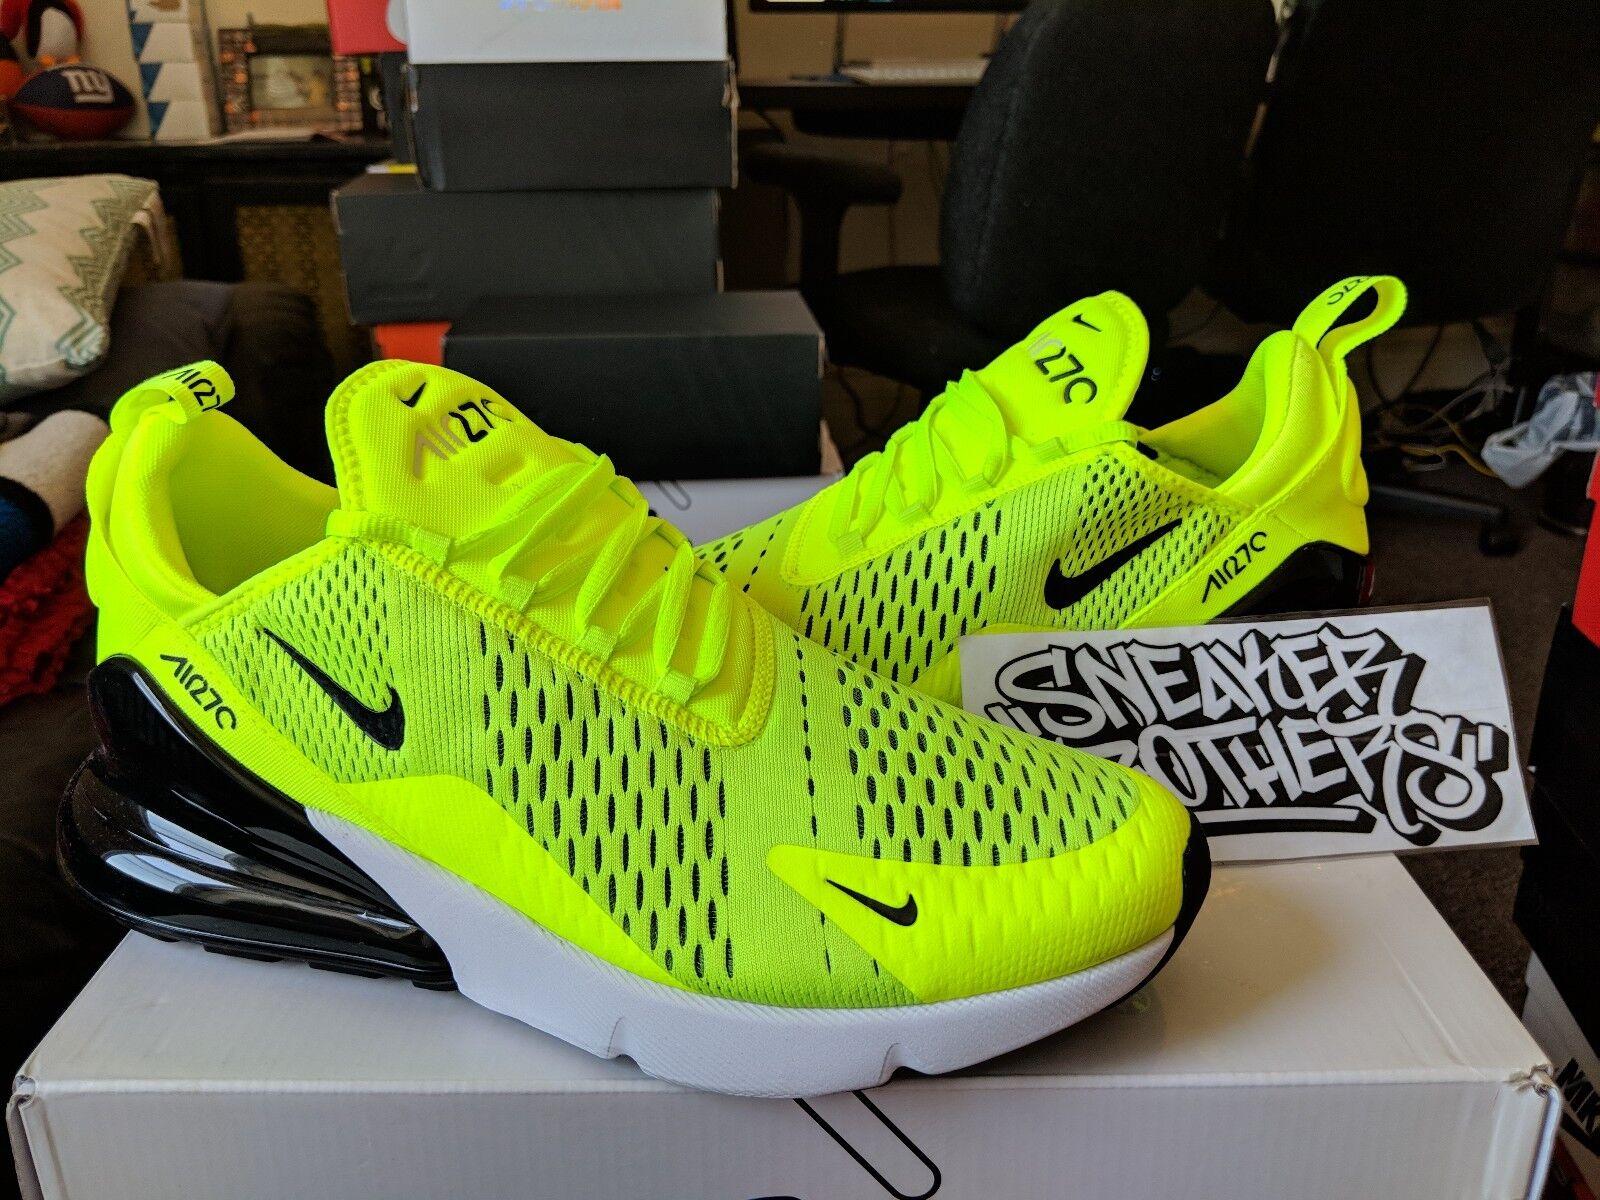 Nike air max 270 volt di colore grigio scuro giallo neon bianco in uomini ah8050-701